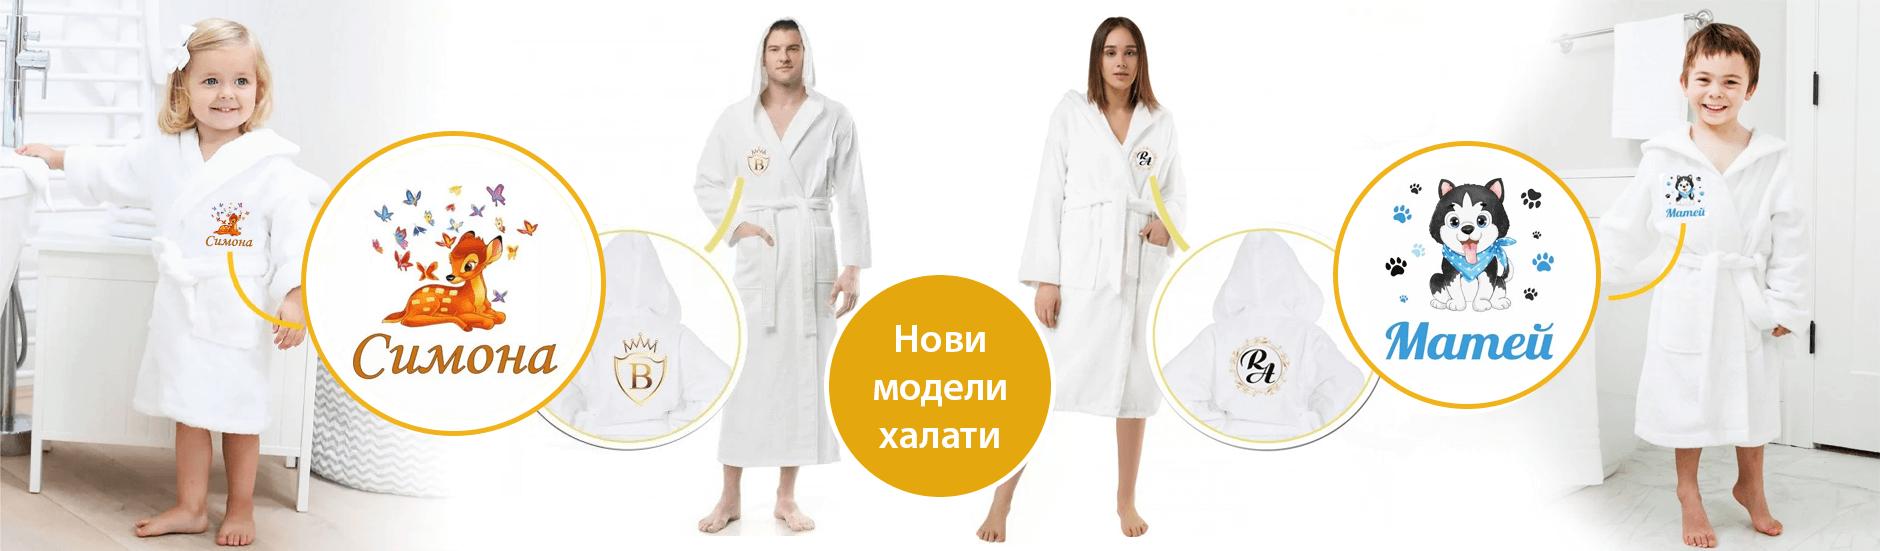 Персонализирани продукти с името на вашето дете